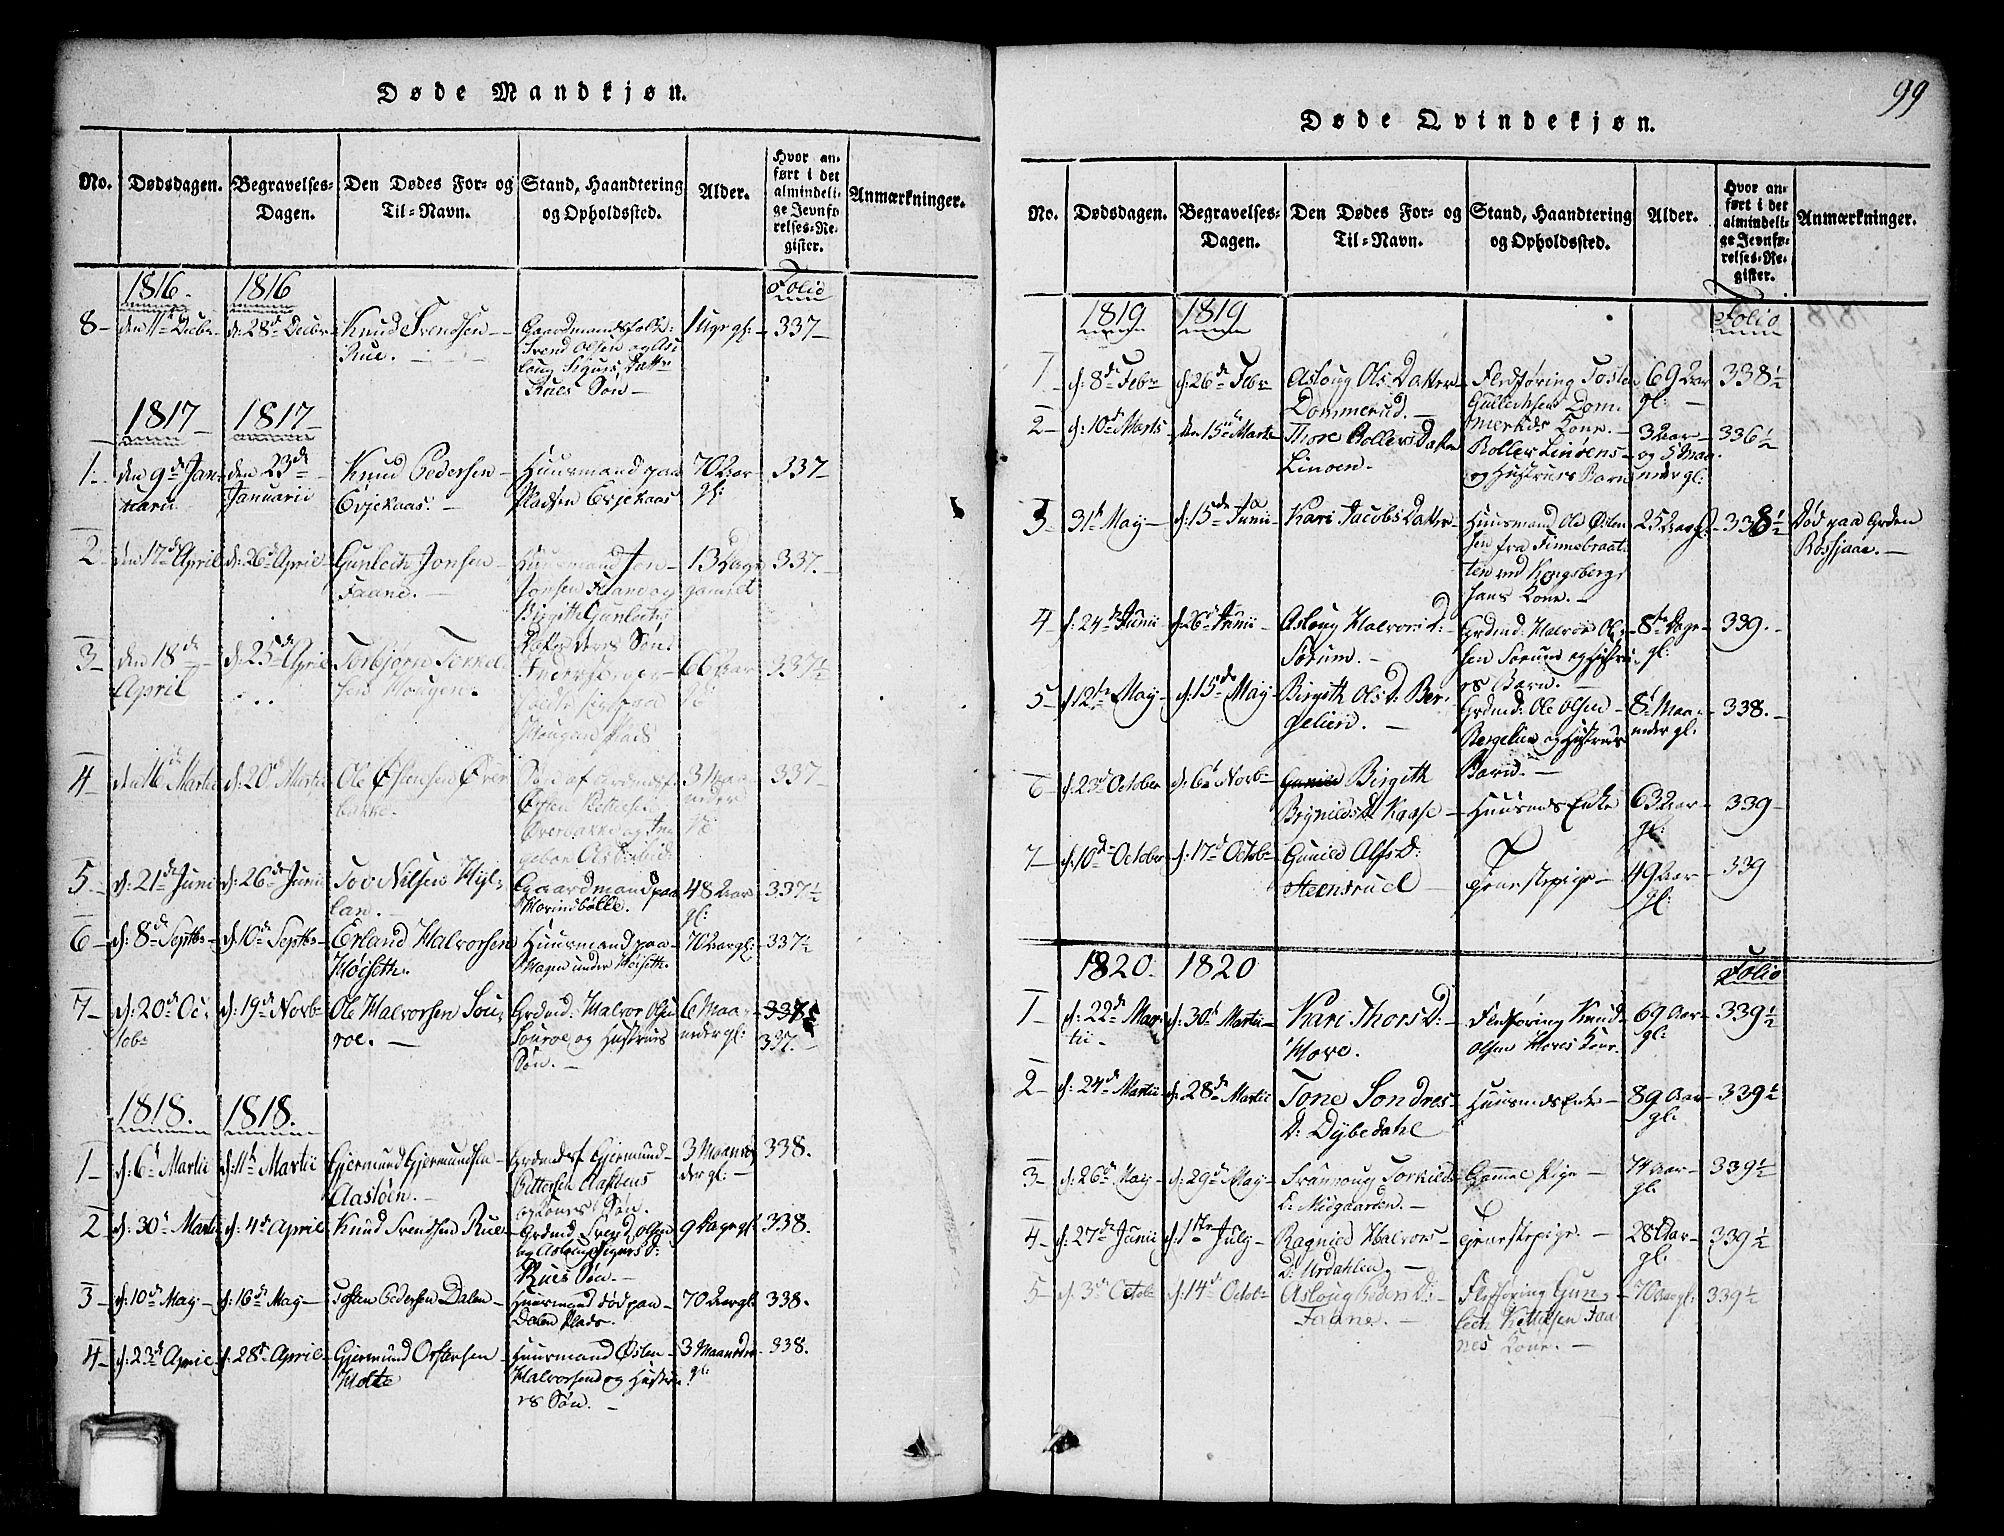 SAKO, Gransherad kirkebøker, G/Gb/L0001: Klokkerbok nr. II 1, 1815-1860, s. 99